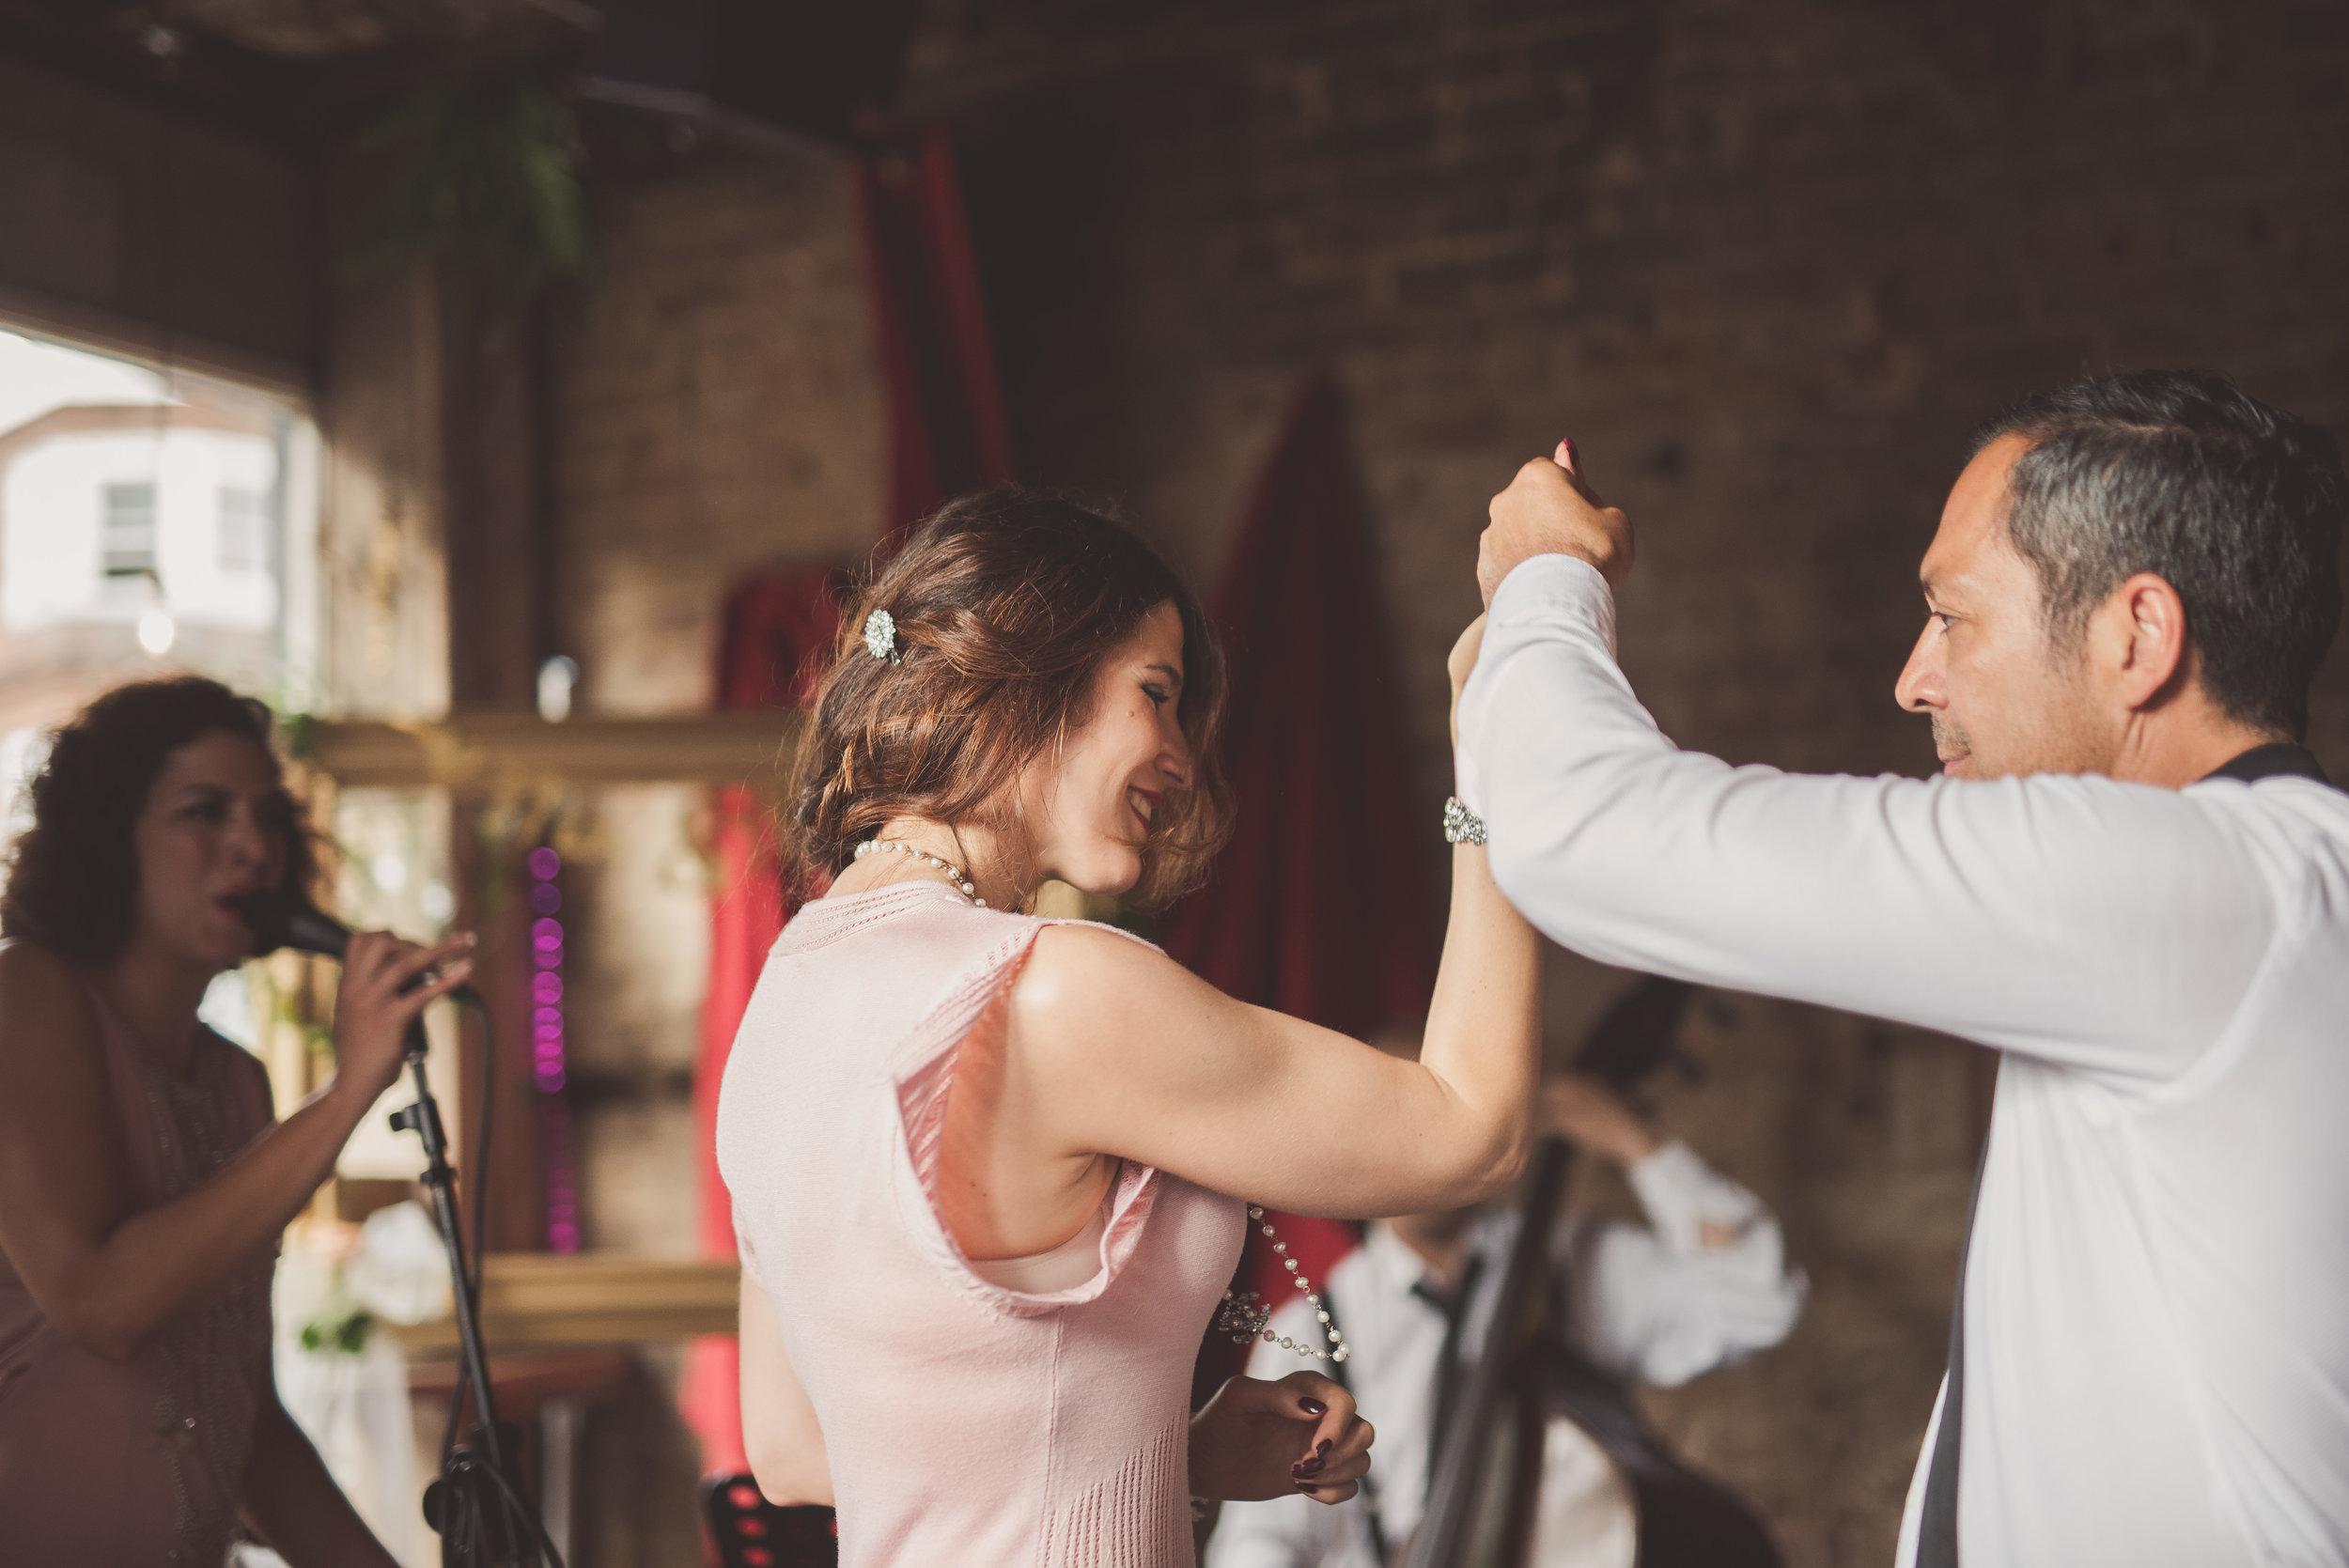 Wedding dance. Wedding dancing. Wedding reception.